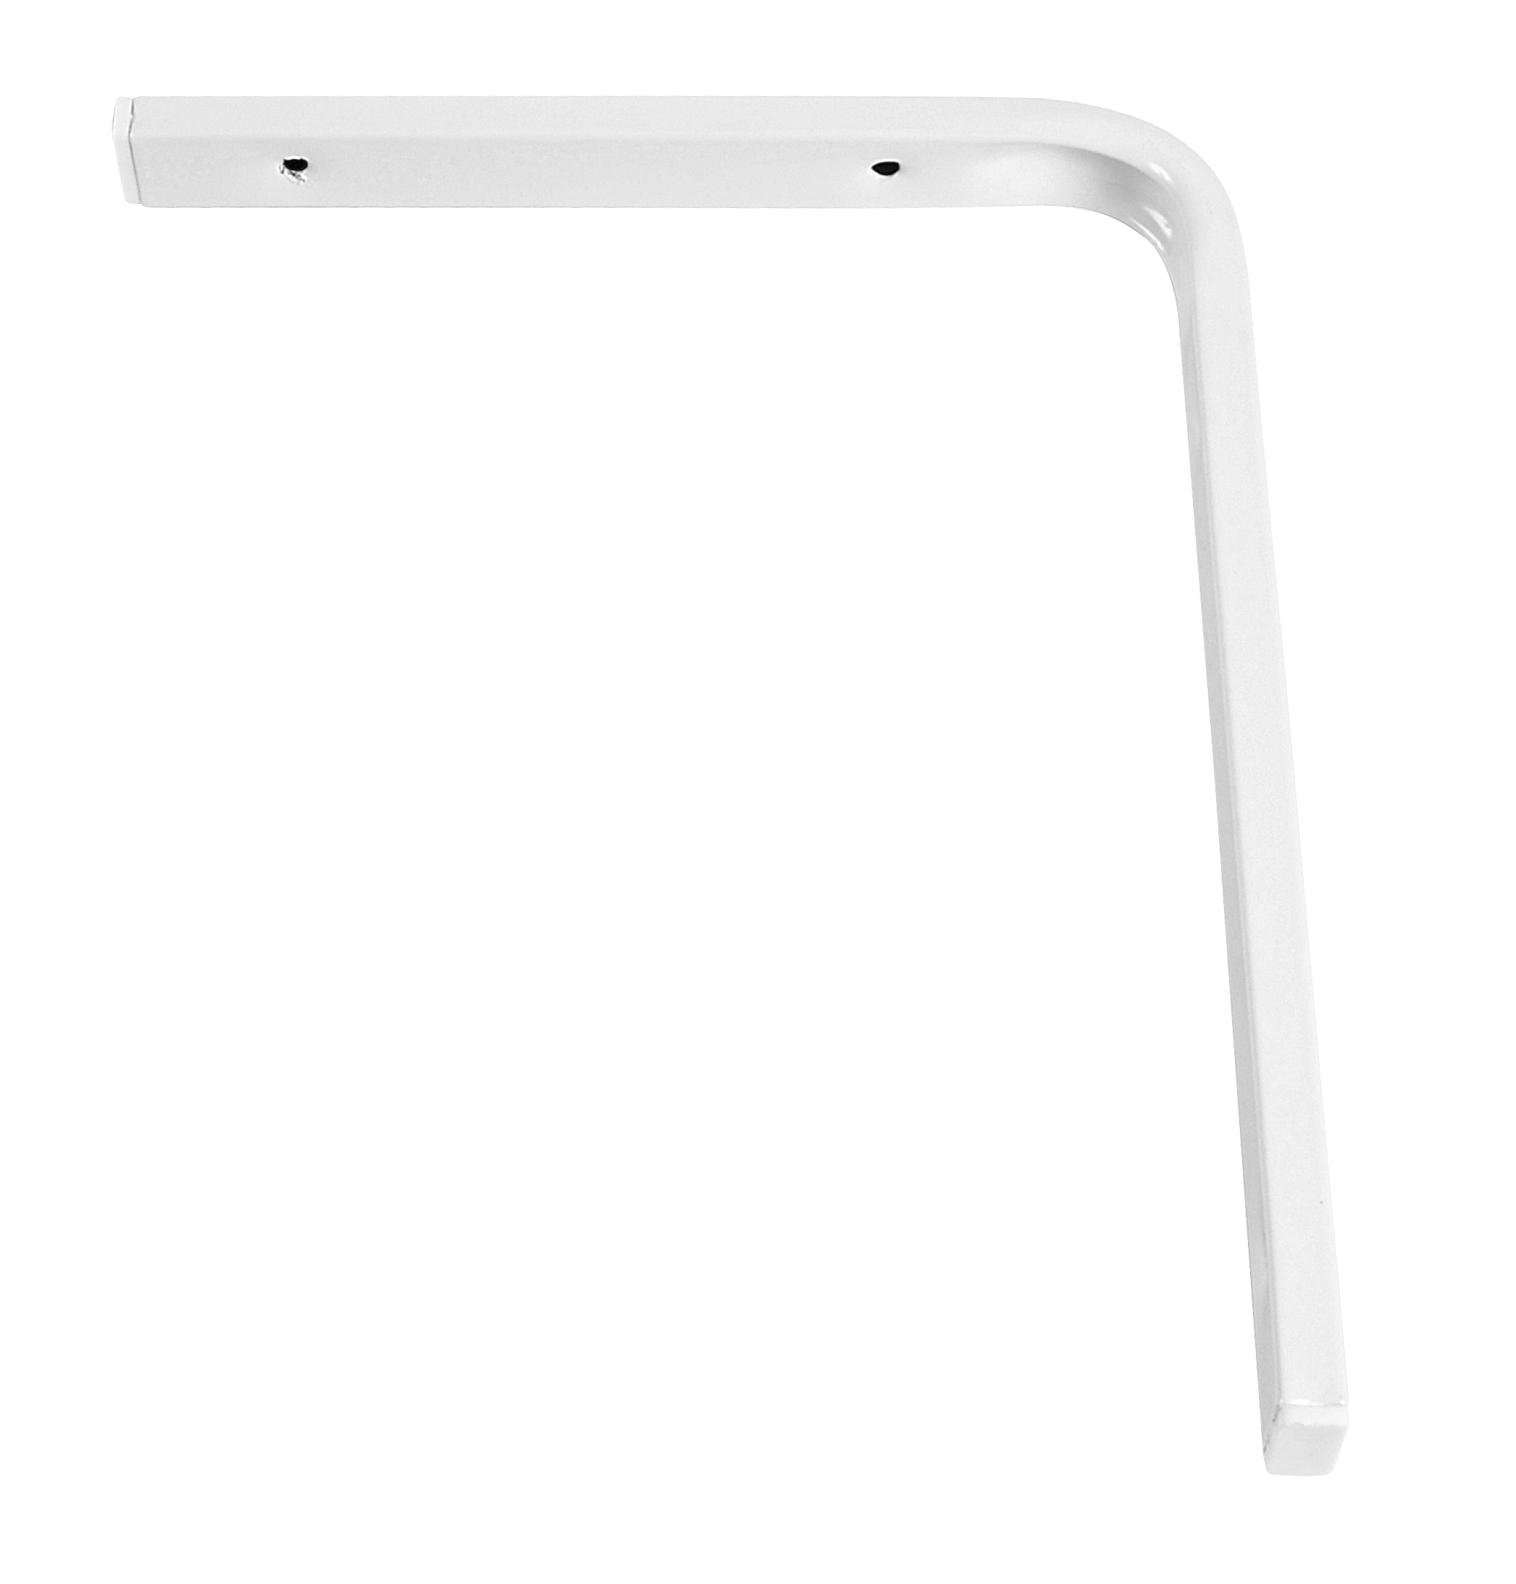 Hyldeknægt F-profil 200x250 mm. - hvid